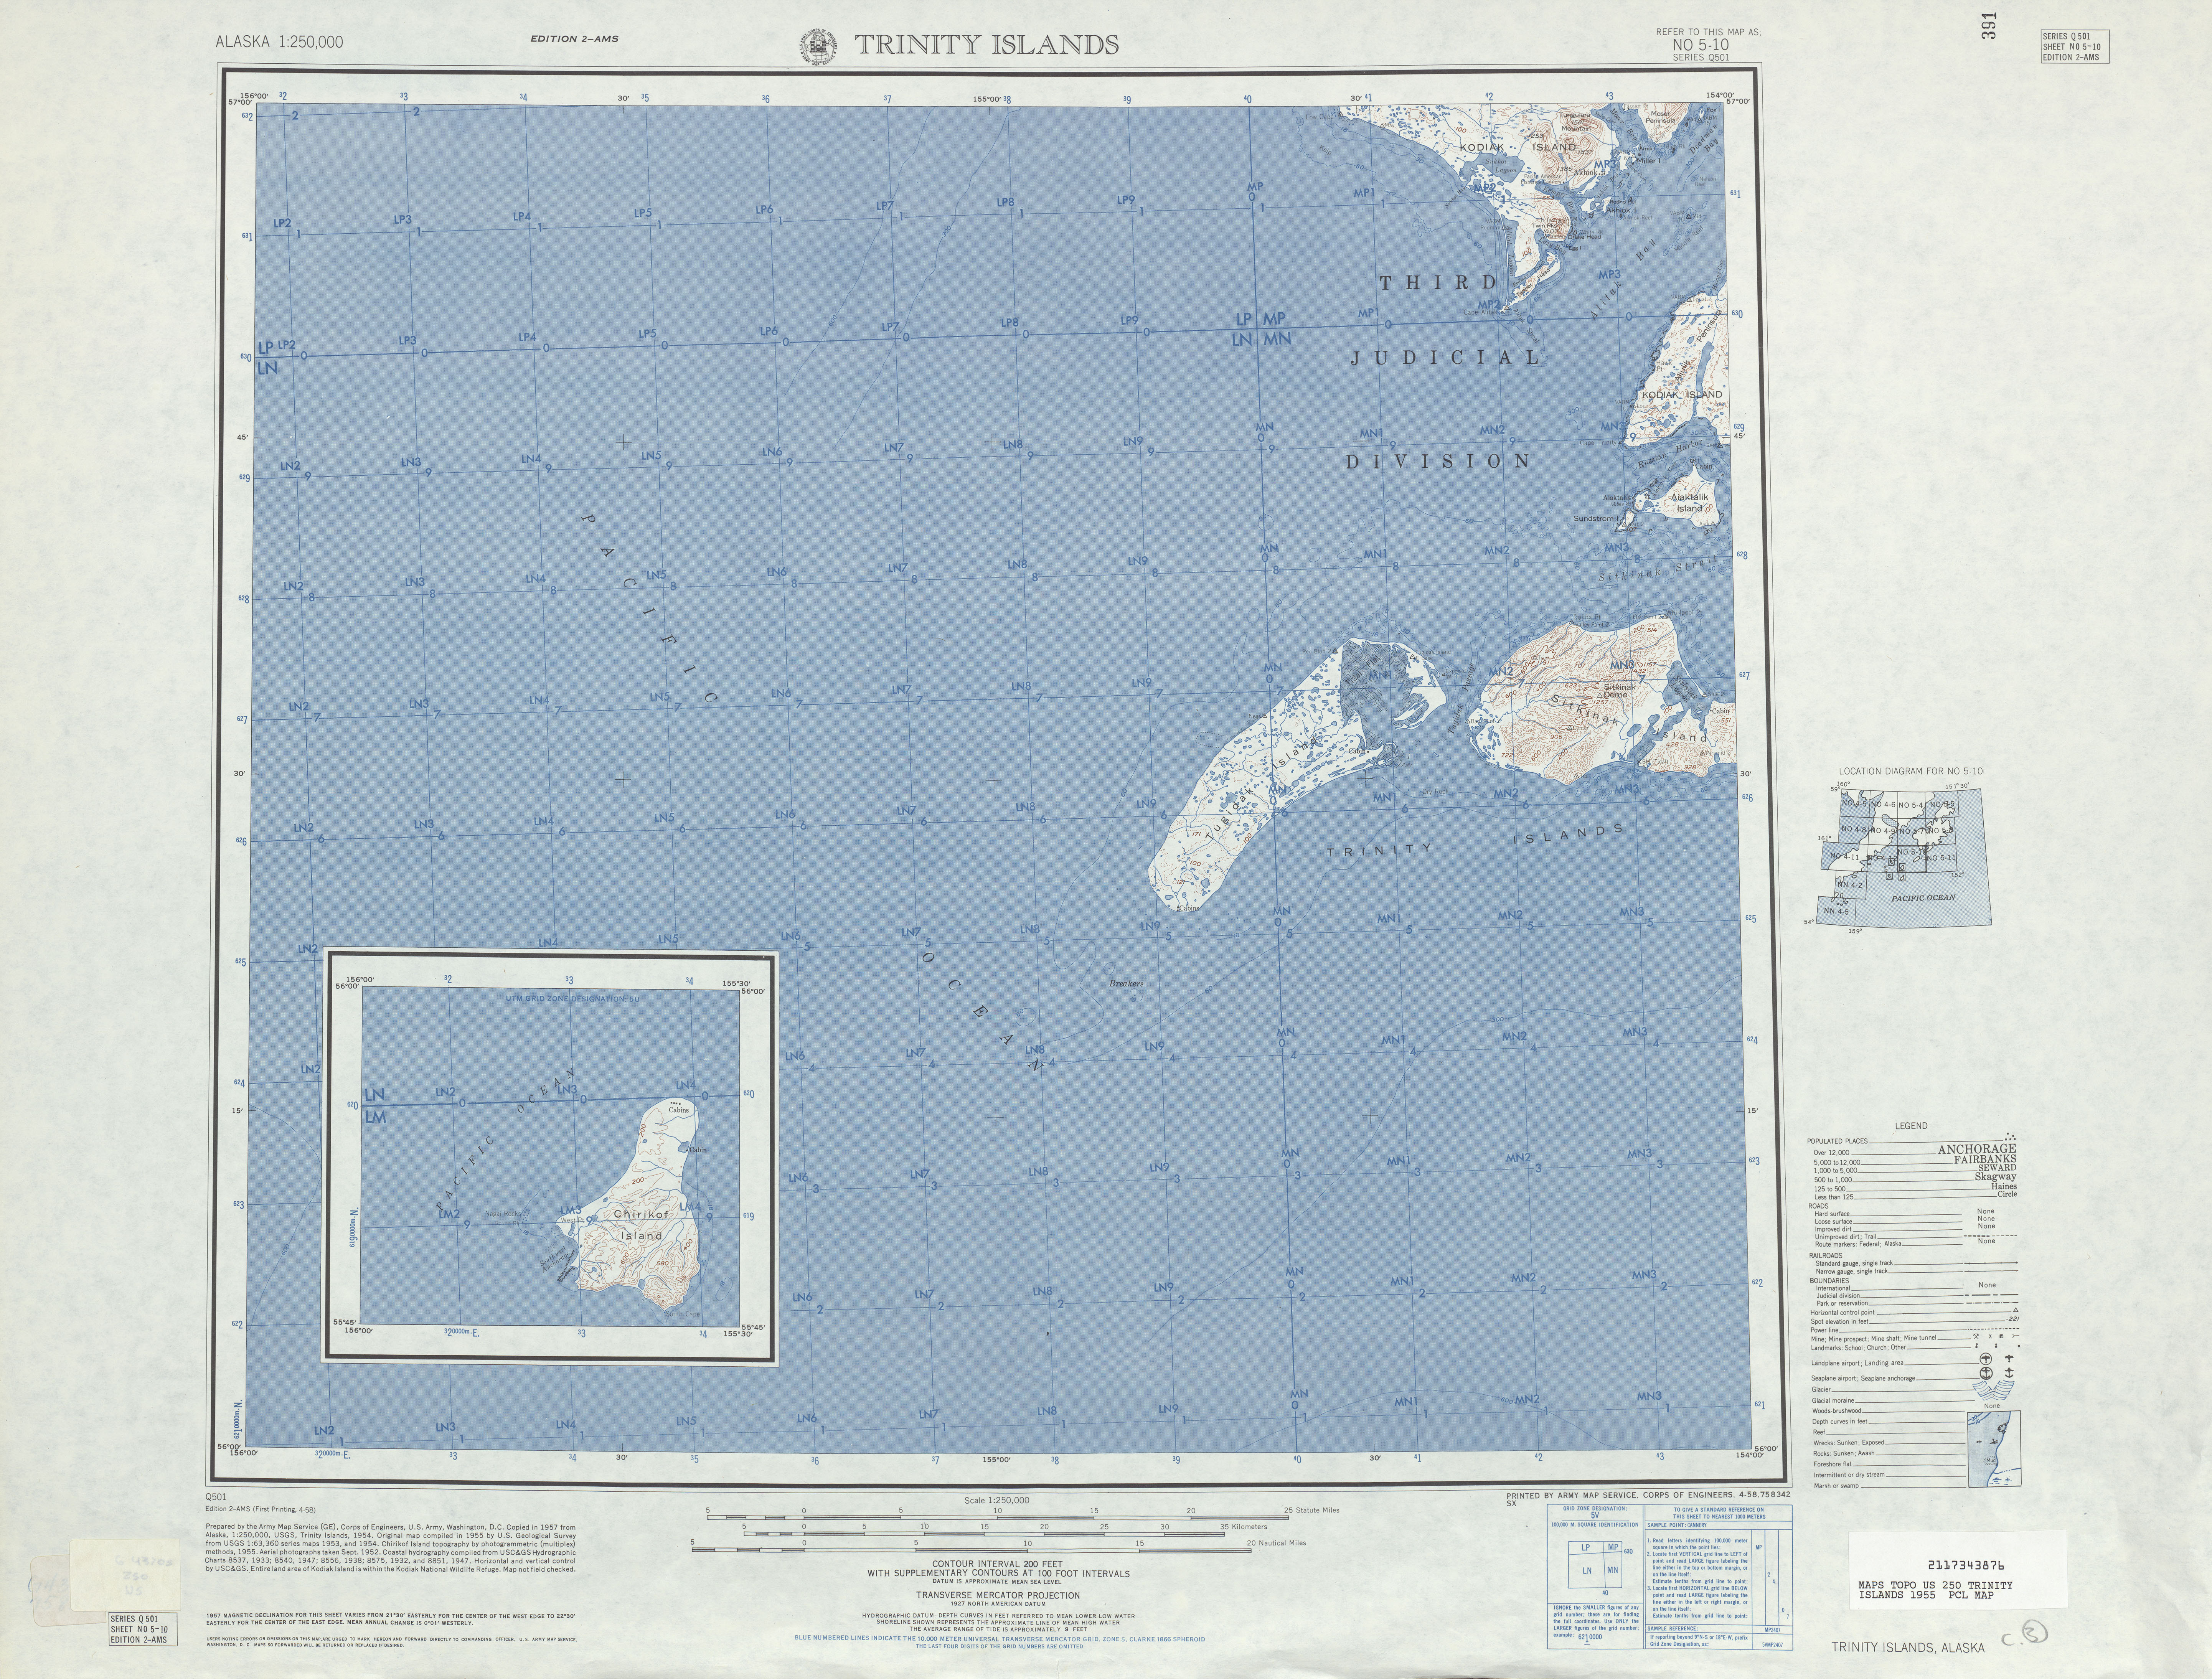 Hoja Trinity Islands del Mapa Topográfico de los Estados Unidos 1955